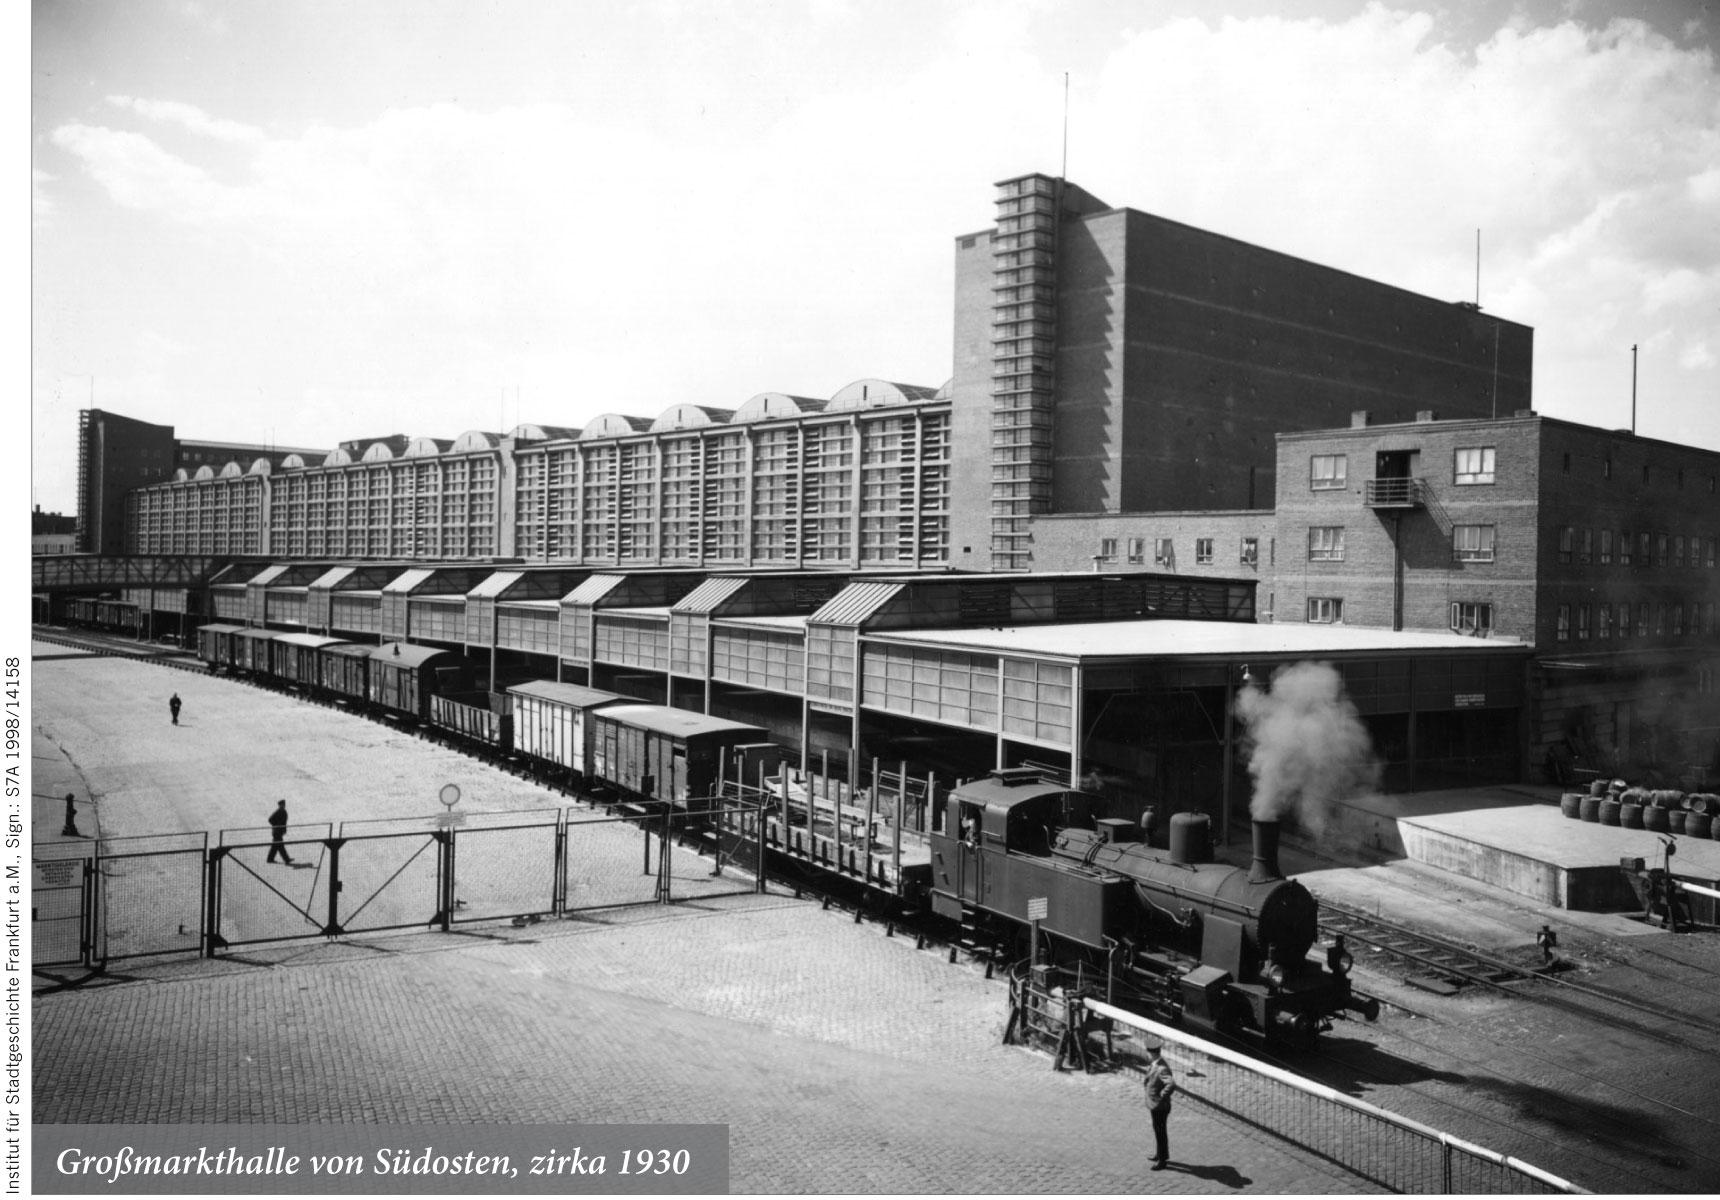 Großmarkthalle von Südosten, zirka 1930